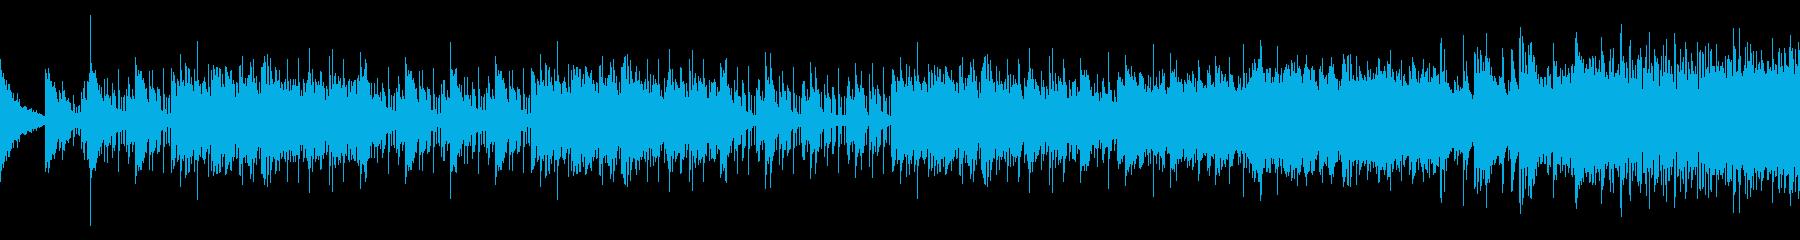 悲しいけれど力強いピアノとドラム/ループの再生済みの波形